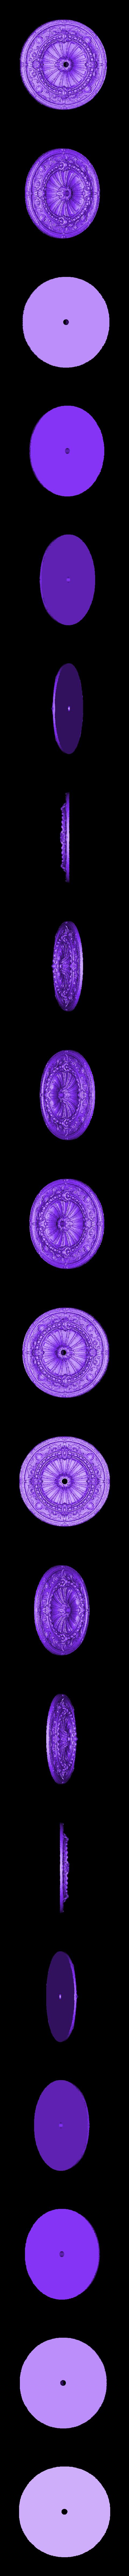 54.obj Télécharger fichier OBJ gratuit Moulures vintage pour vieux appartements classiques cnc art machine à router 3D printed • Modèle à imprimer en 3D, 3DPrinterFiles